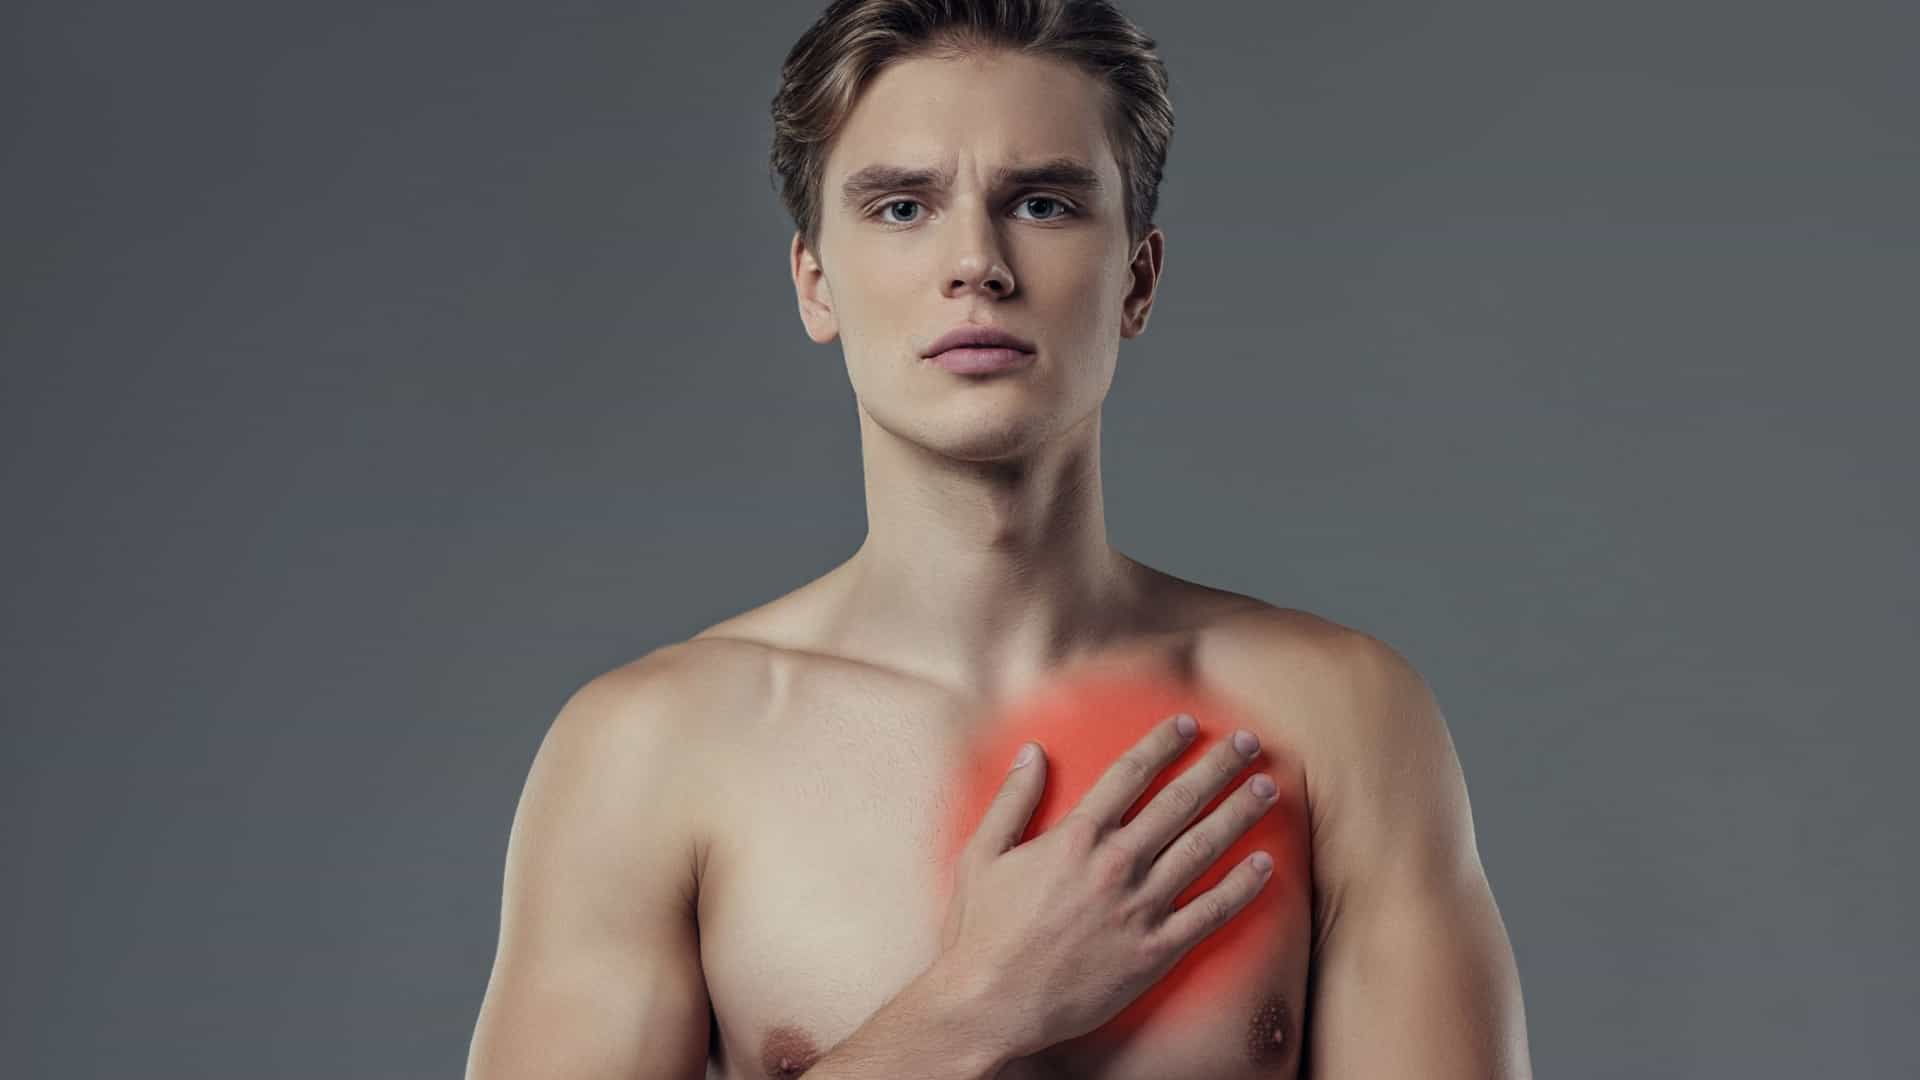 Aguenta coração: Comprimidos de ómega 3 não funcionam, saiba o que fazer